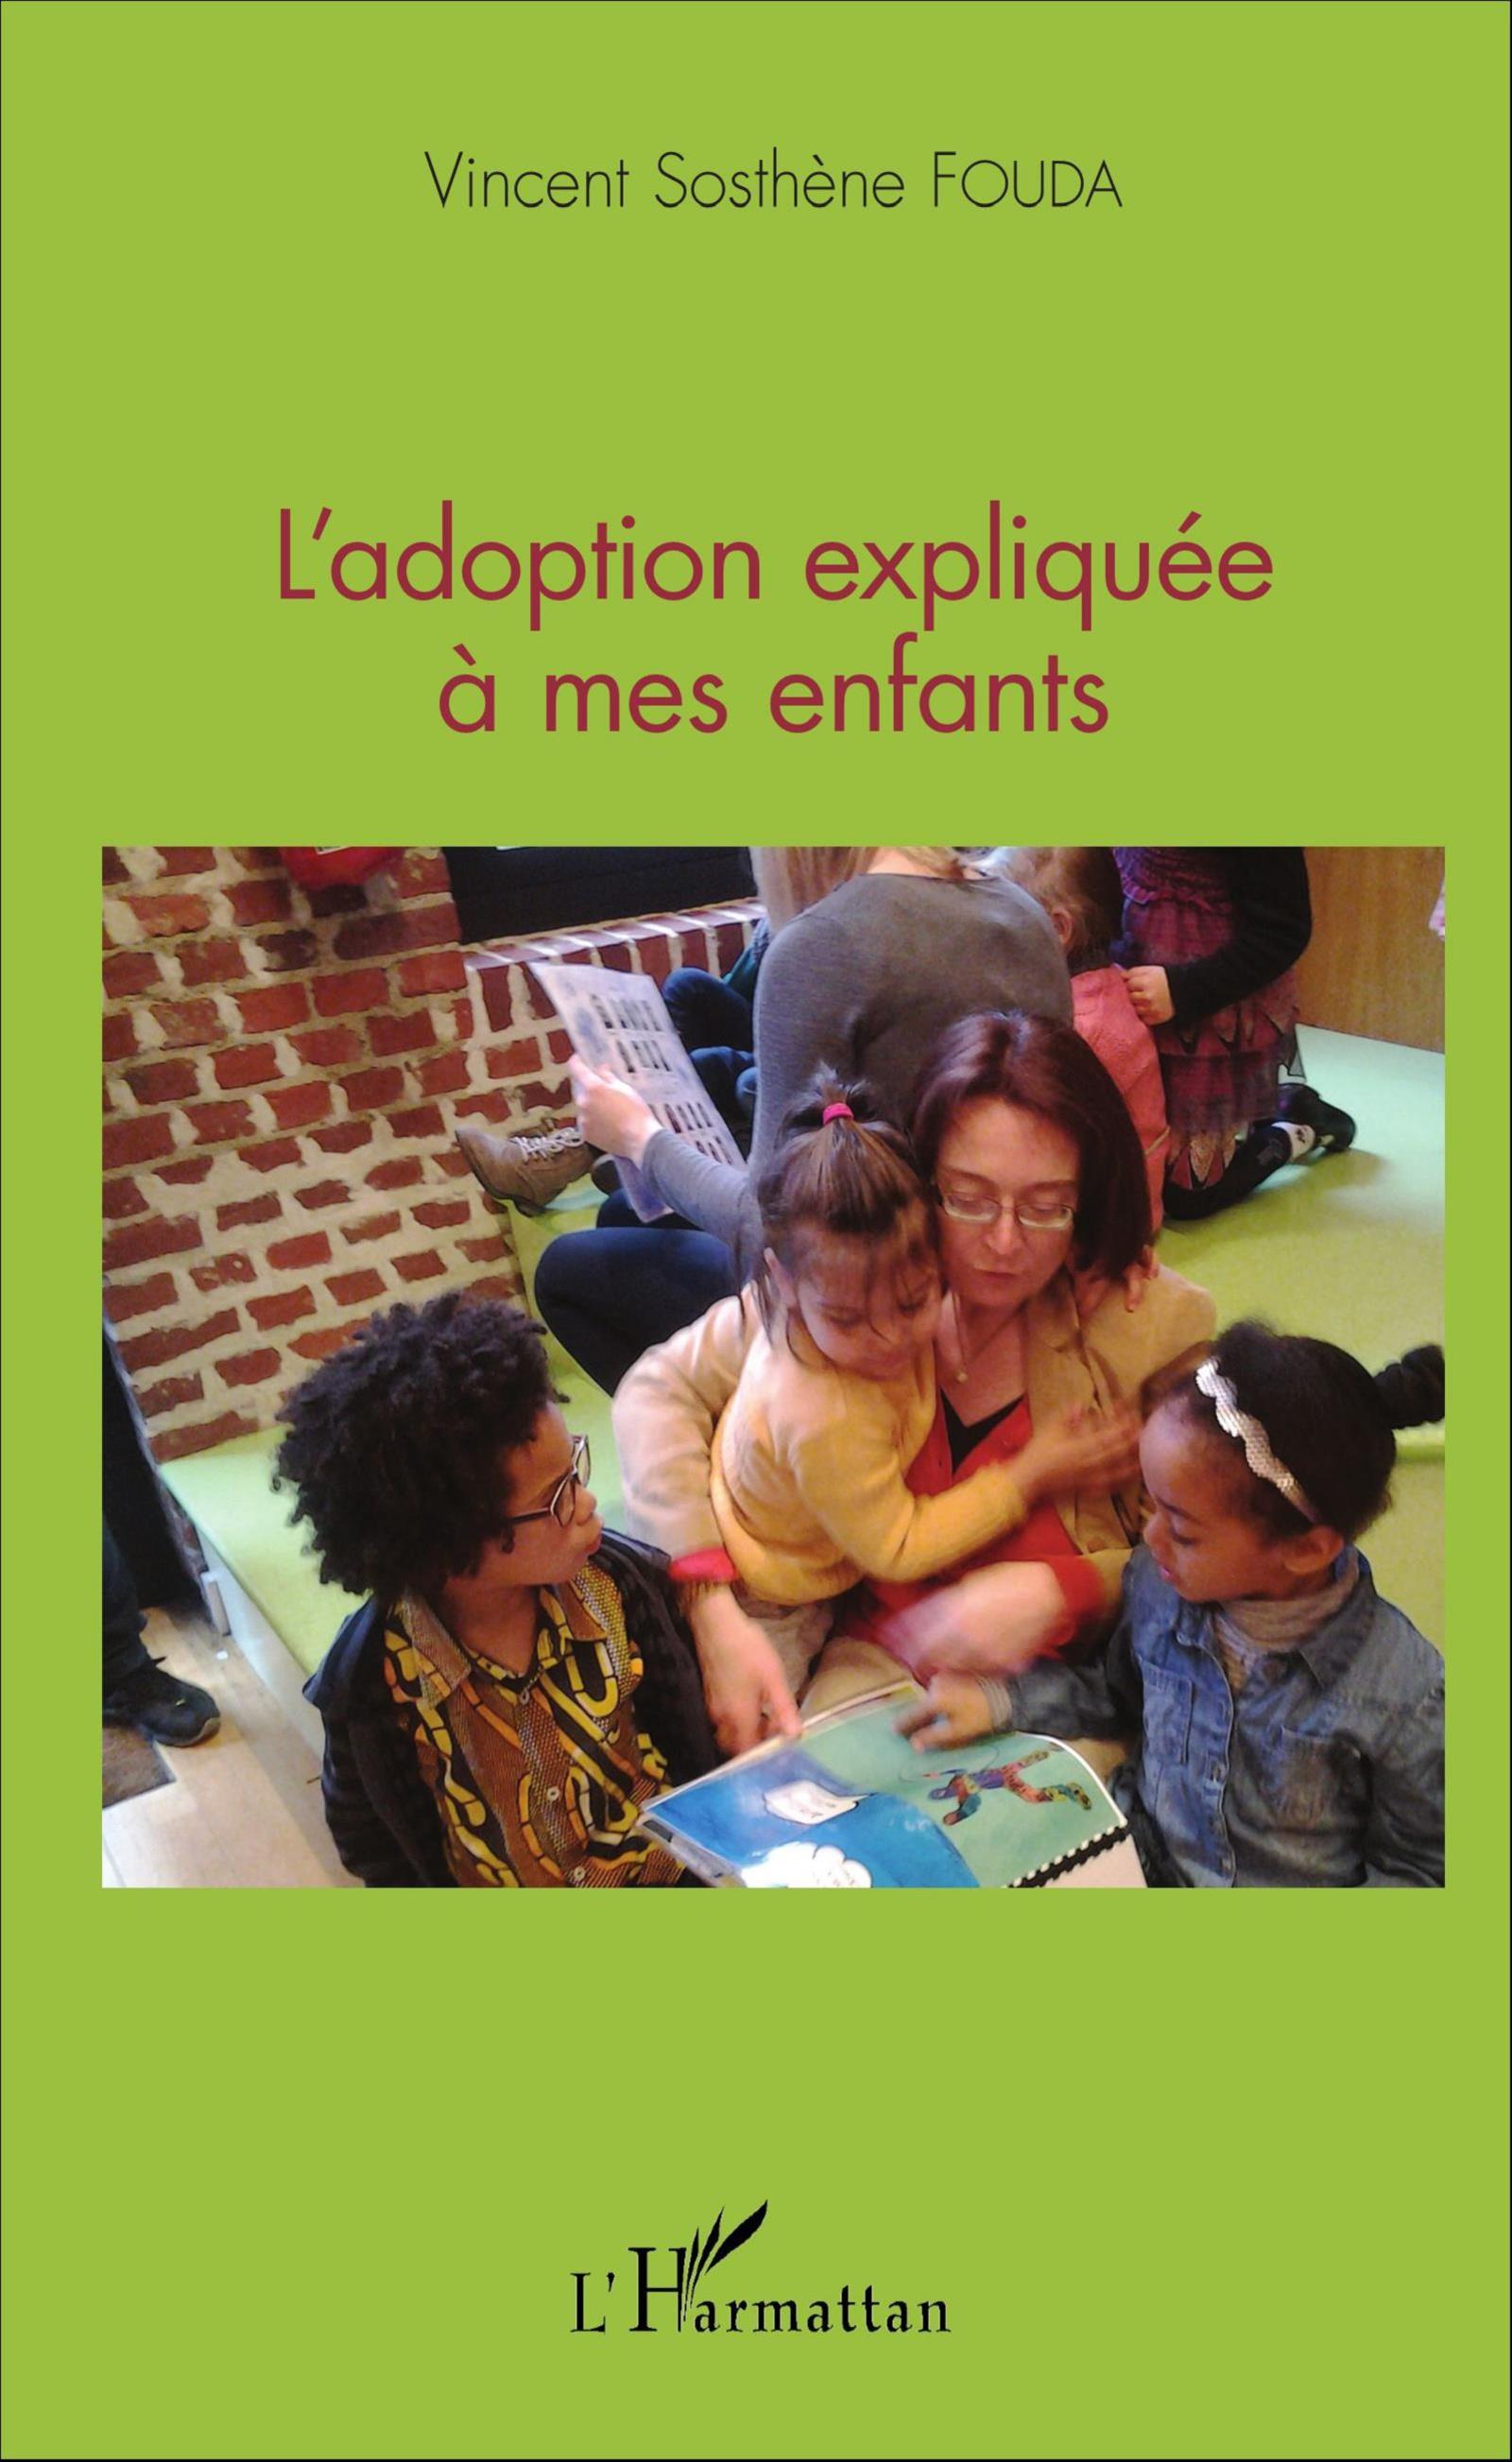 L'adoption expliquée à mes enfants